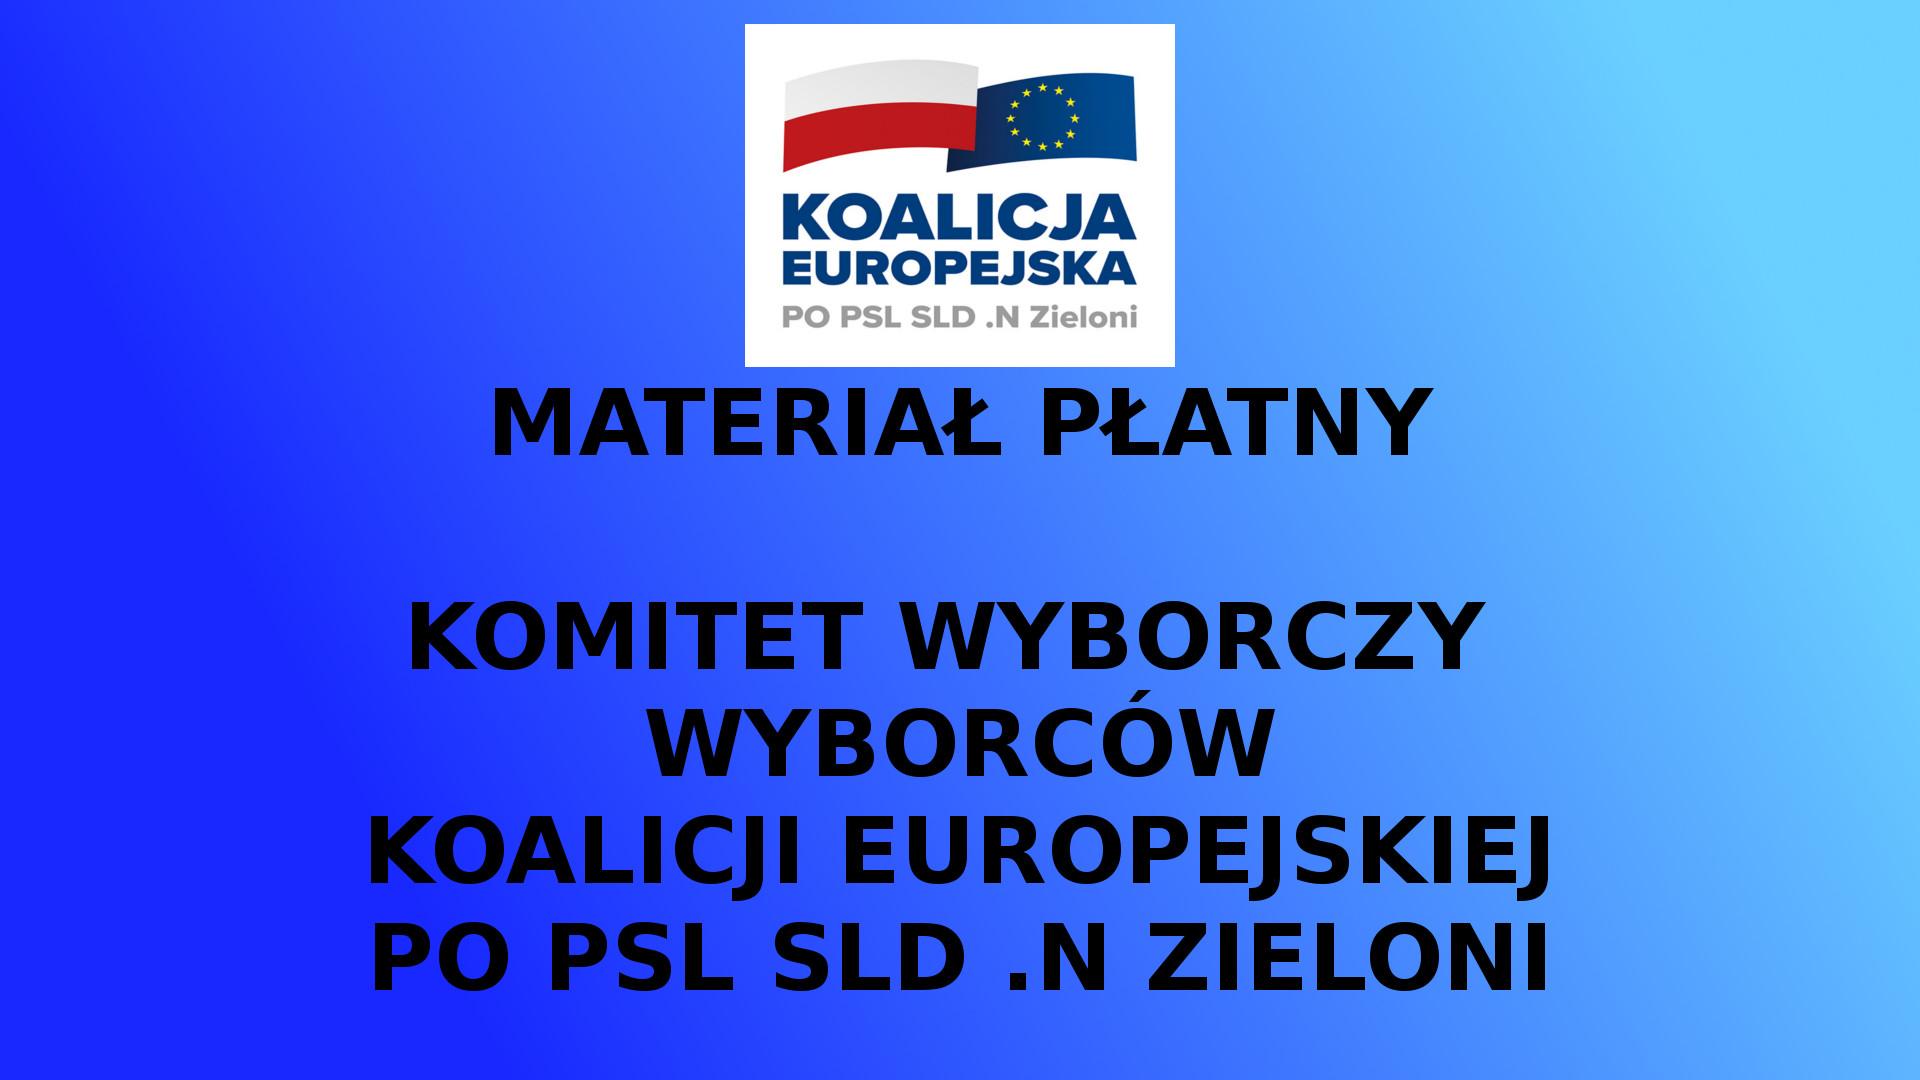 MATERIAŁ PŁATNY Spot Wyborczy Komitet Wyborczy Wyborców Koalicja Europejska – Joanna Skrzydlewska